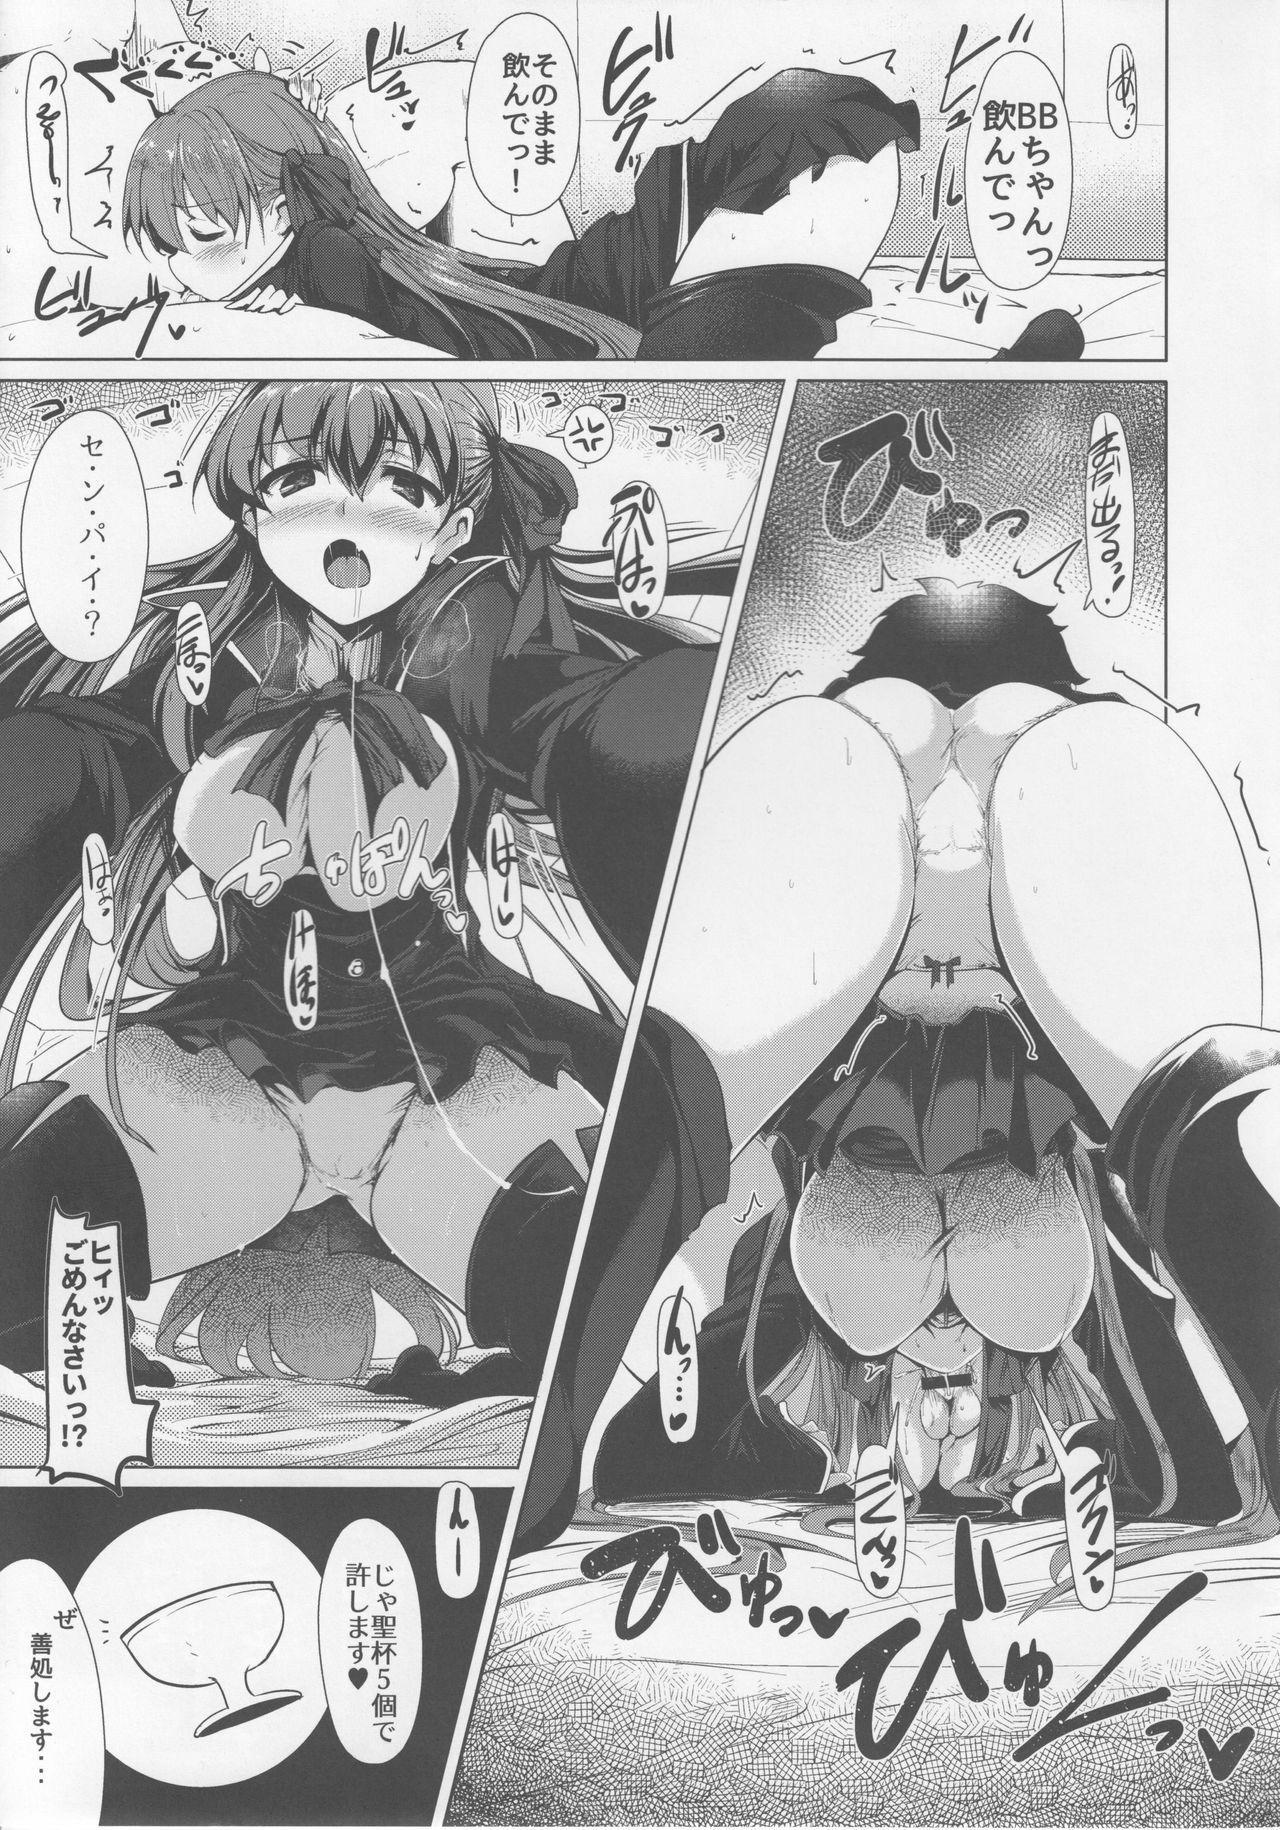 BB-chan wa Sunao ni Shasei Sasete Kurenai 19